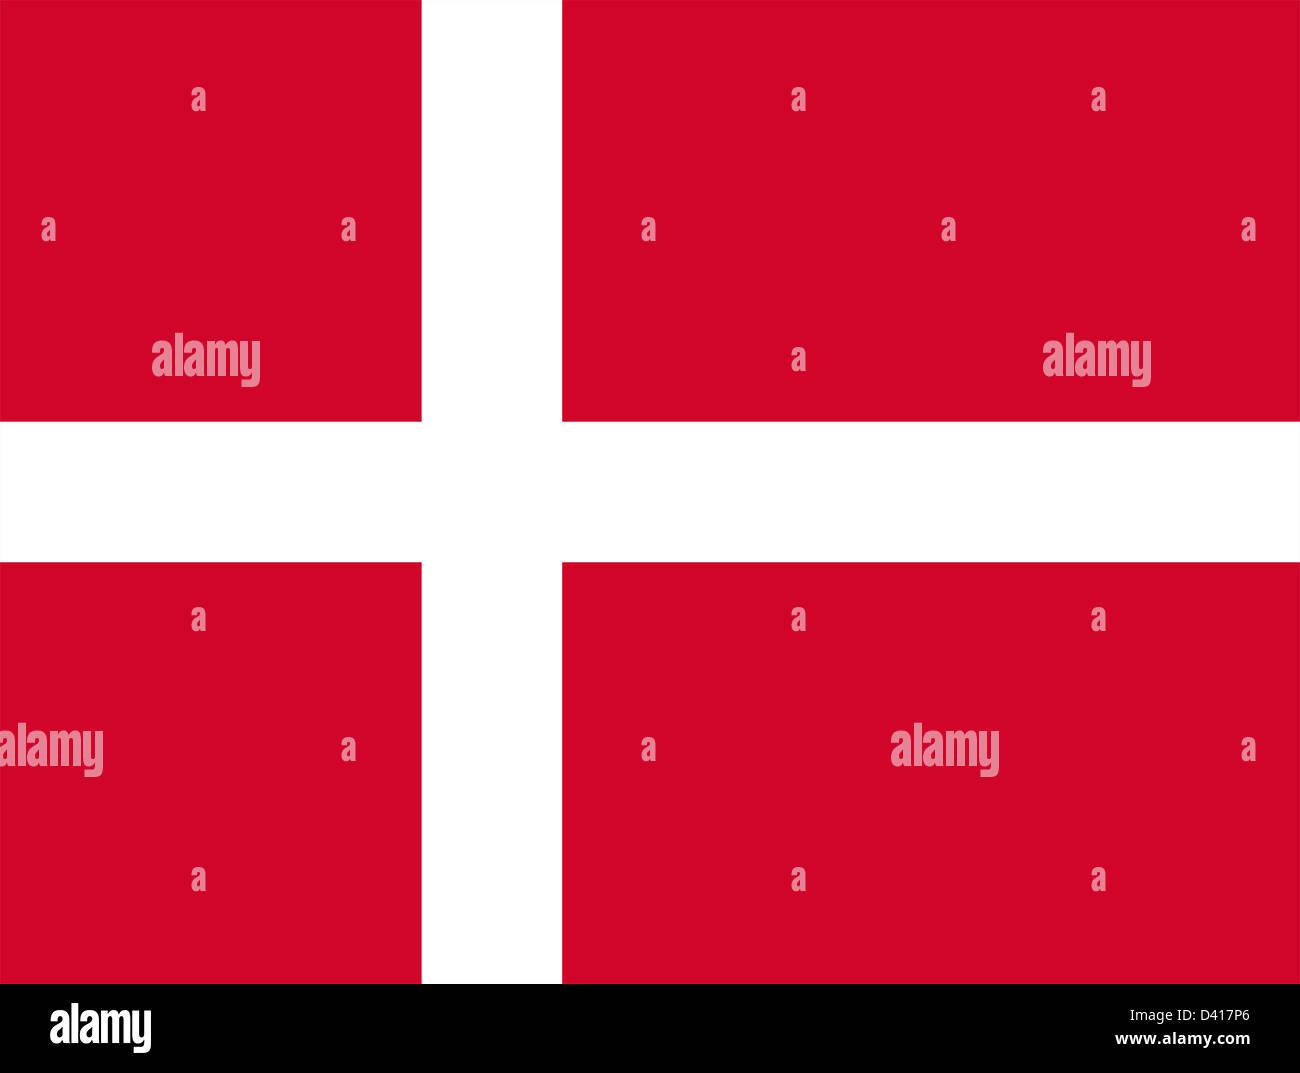 Flag of Denmark. - Stock Image